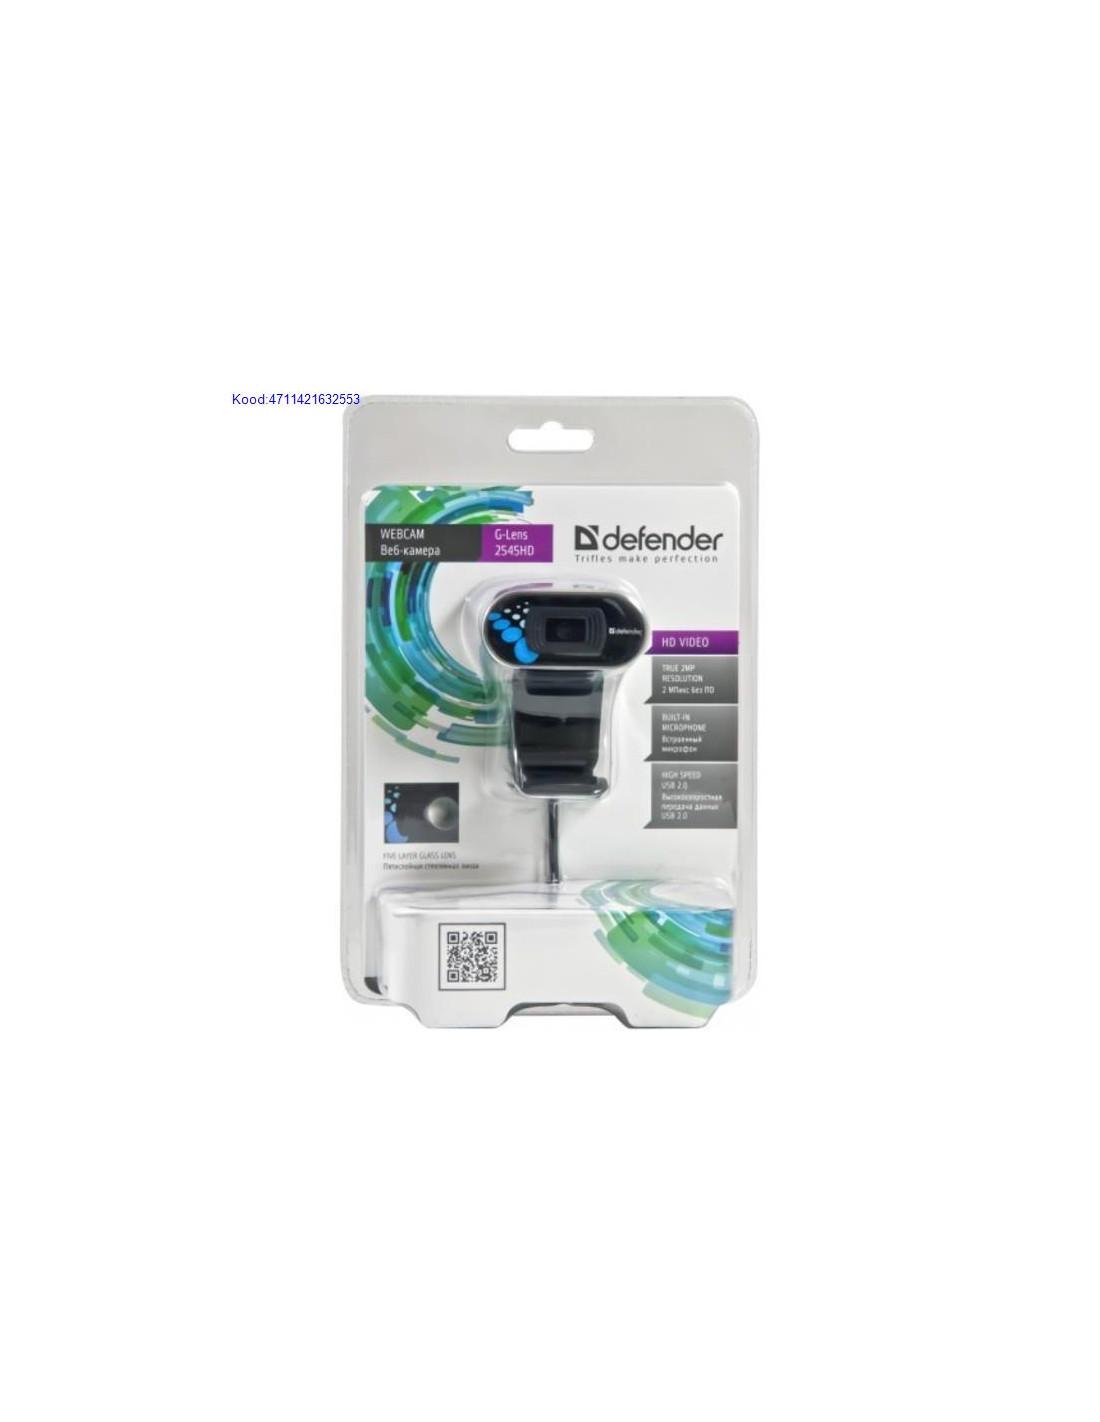 e44dc3c42a8 Veebikaamera Defender G-Lens 2545HD mikrofoniga USB